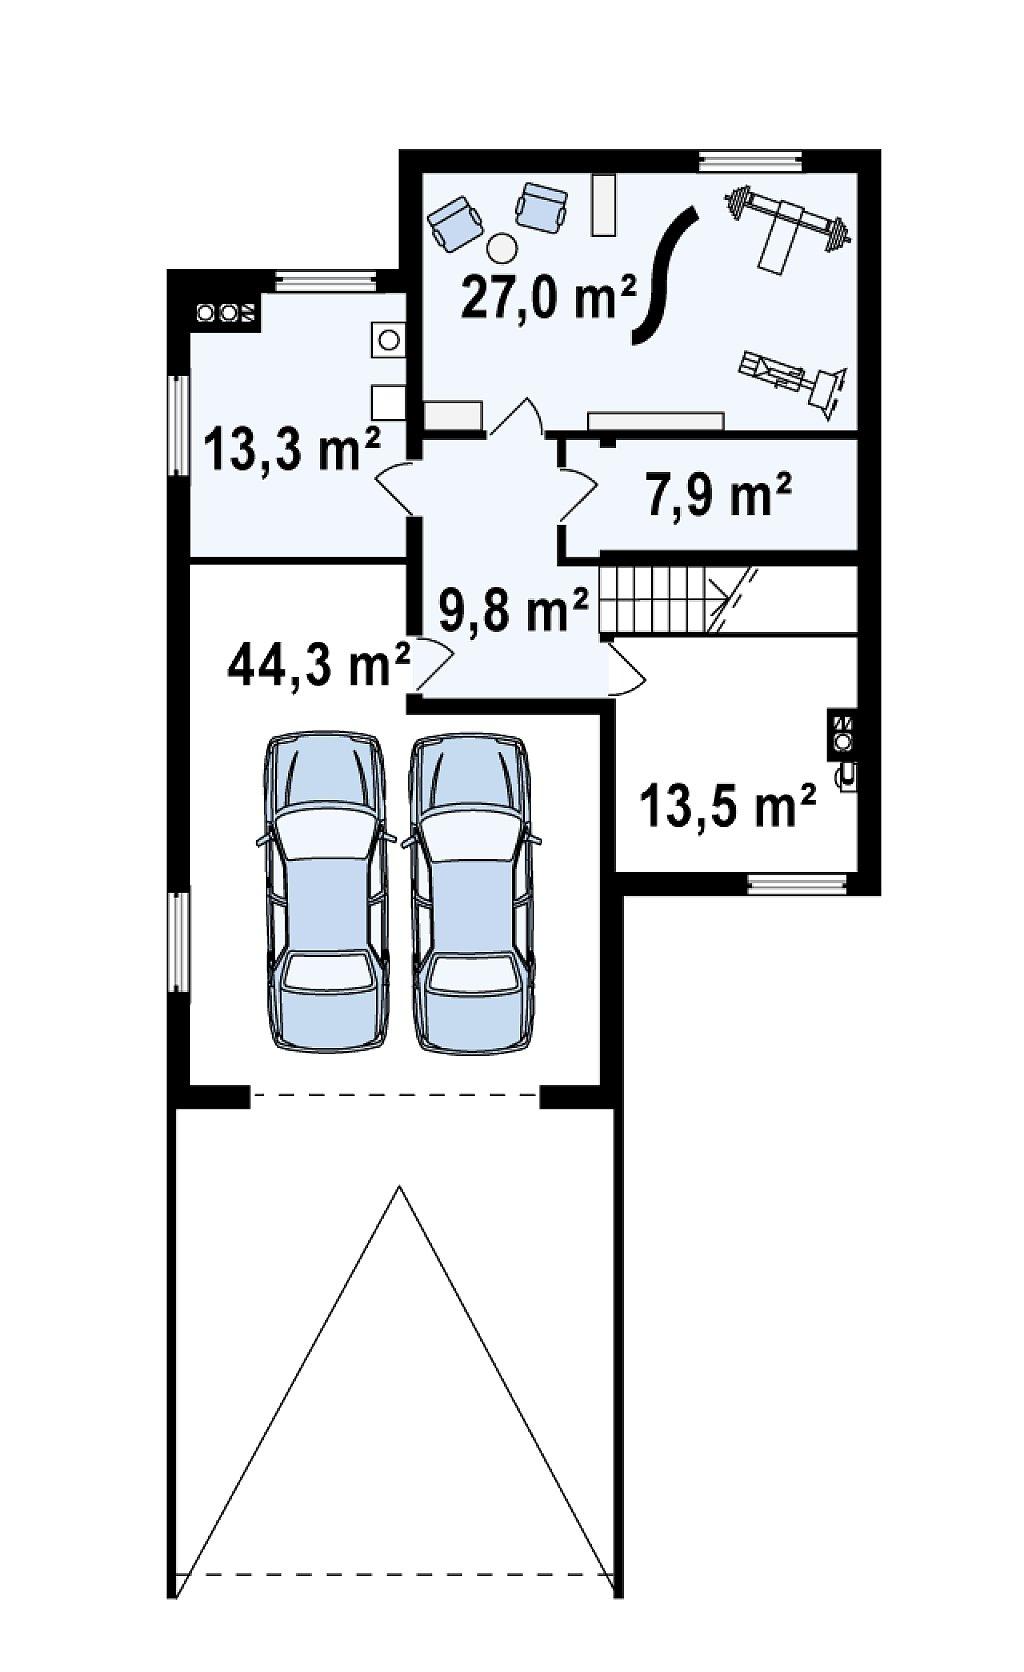 Проект выгодного и практичного двухэтажного дома с подвальным помещение, с дополнительной комнатой на первом этаже. план помещений 1